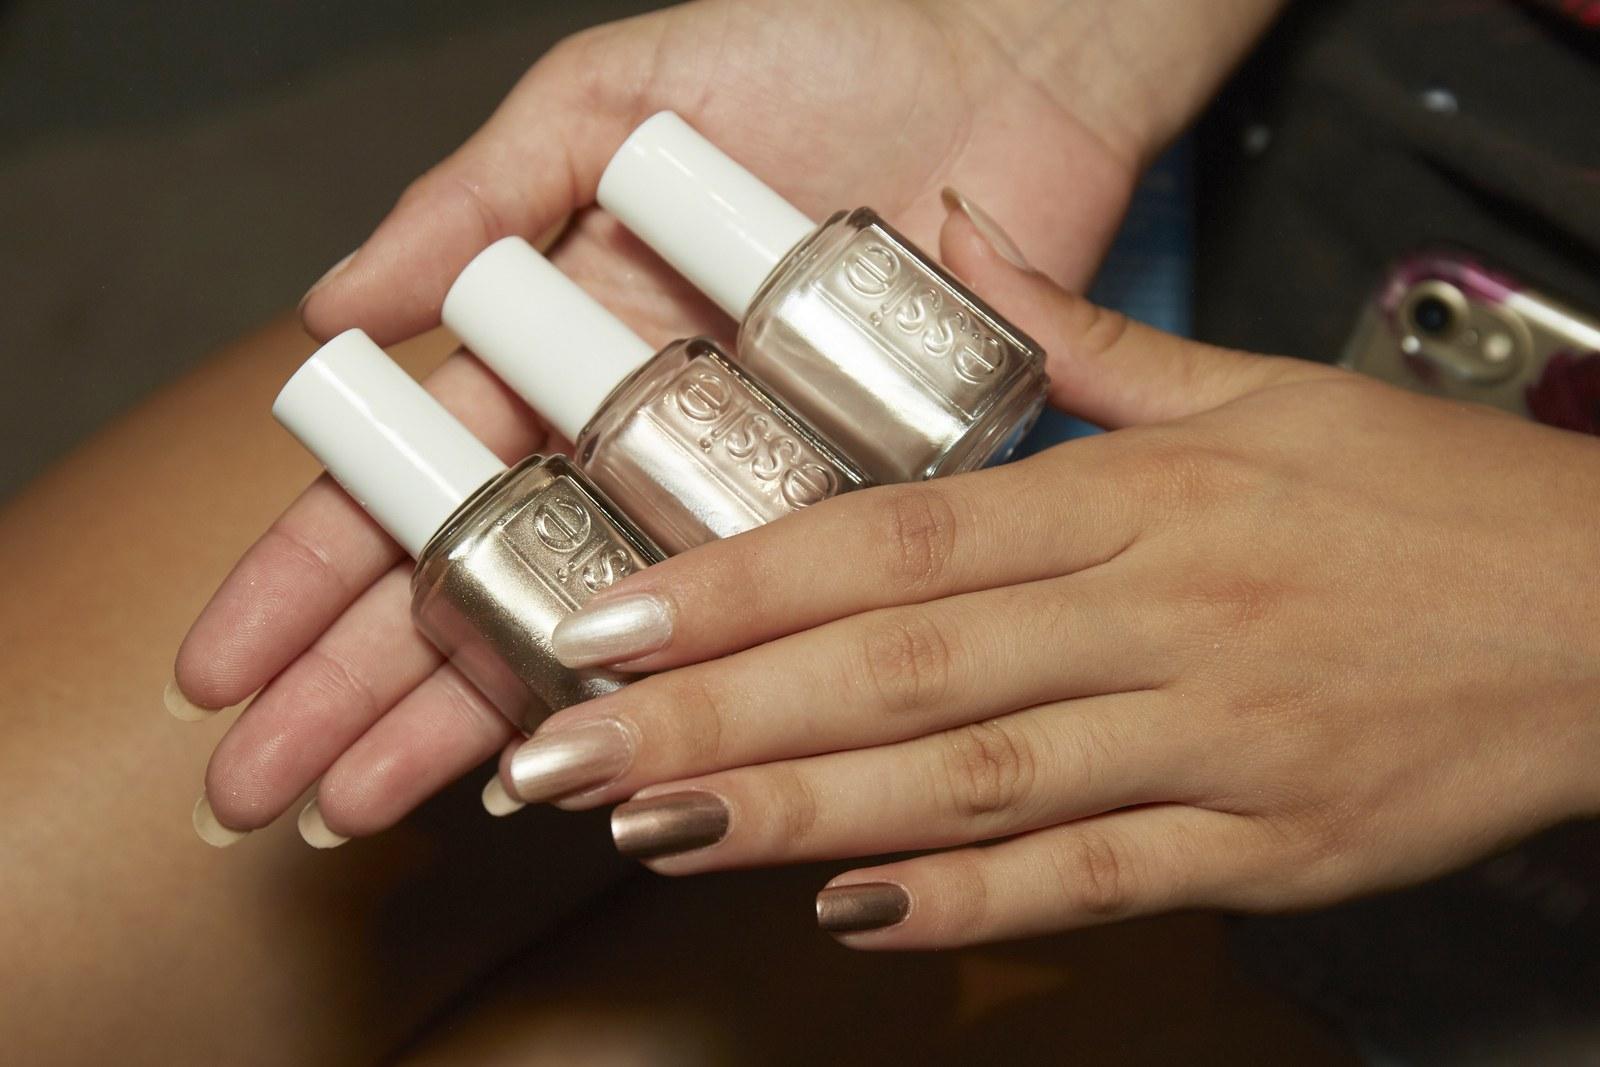 Las 25 Mejores ideas de uñas decoradas de las pasarelas 2017